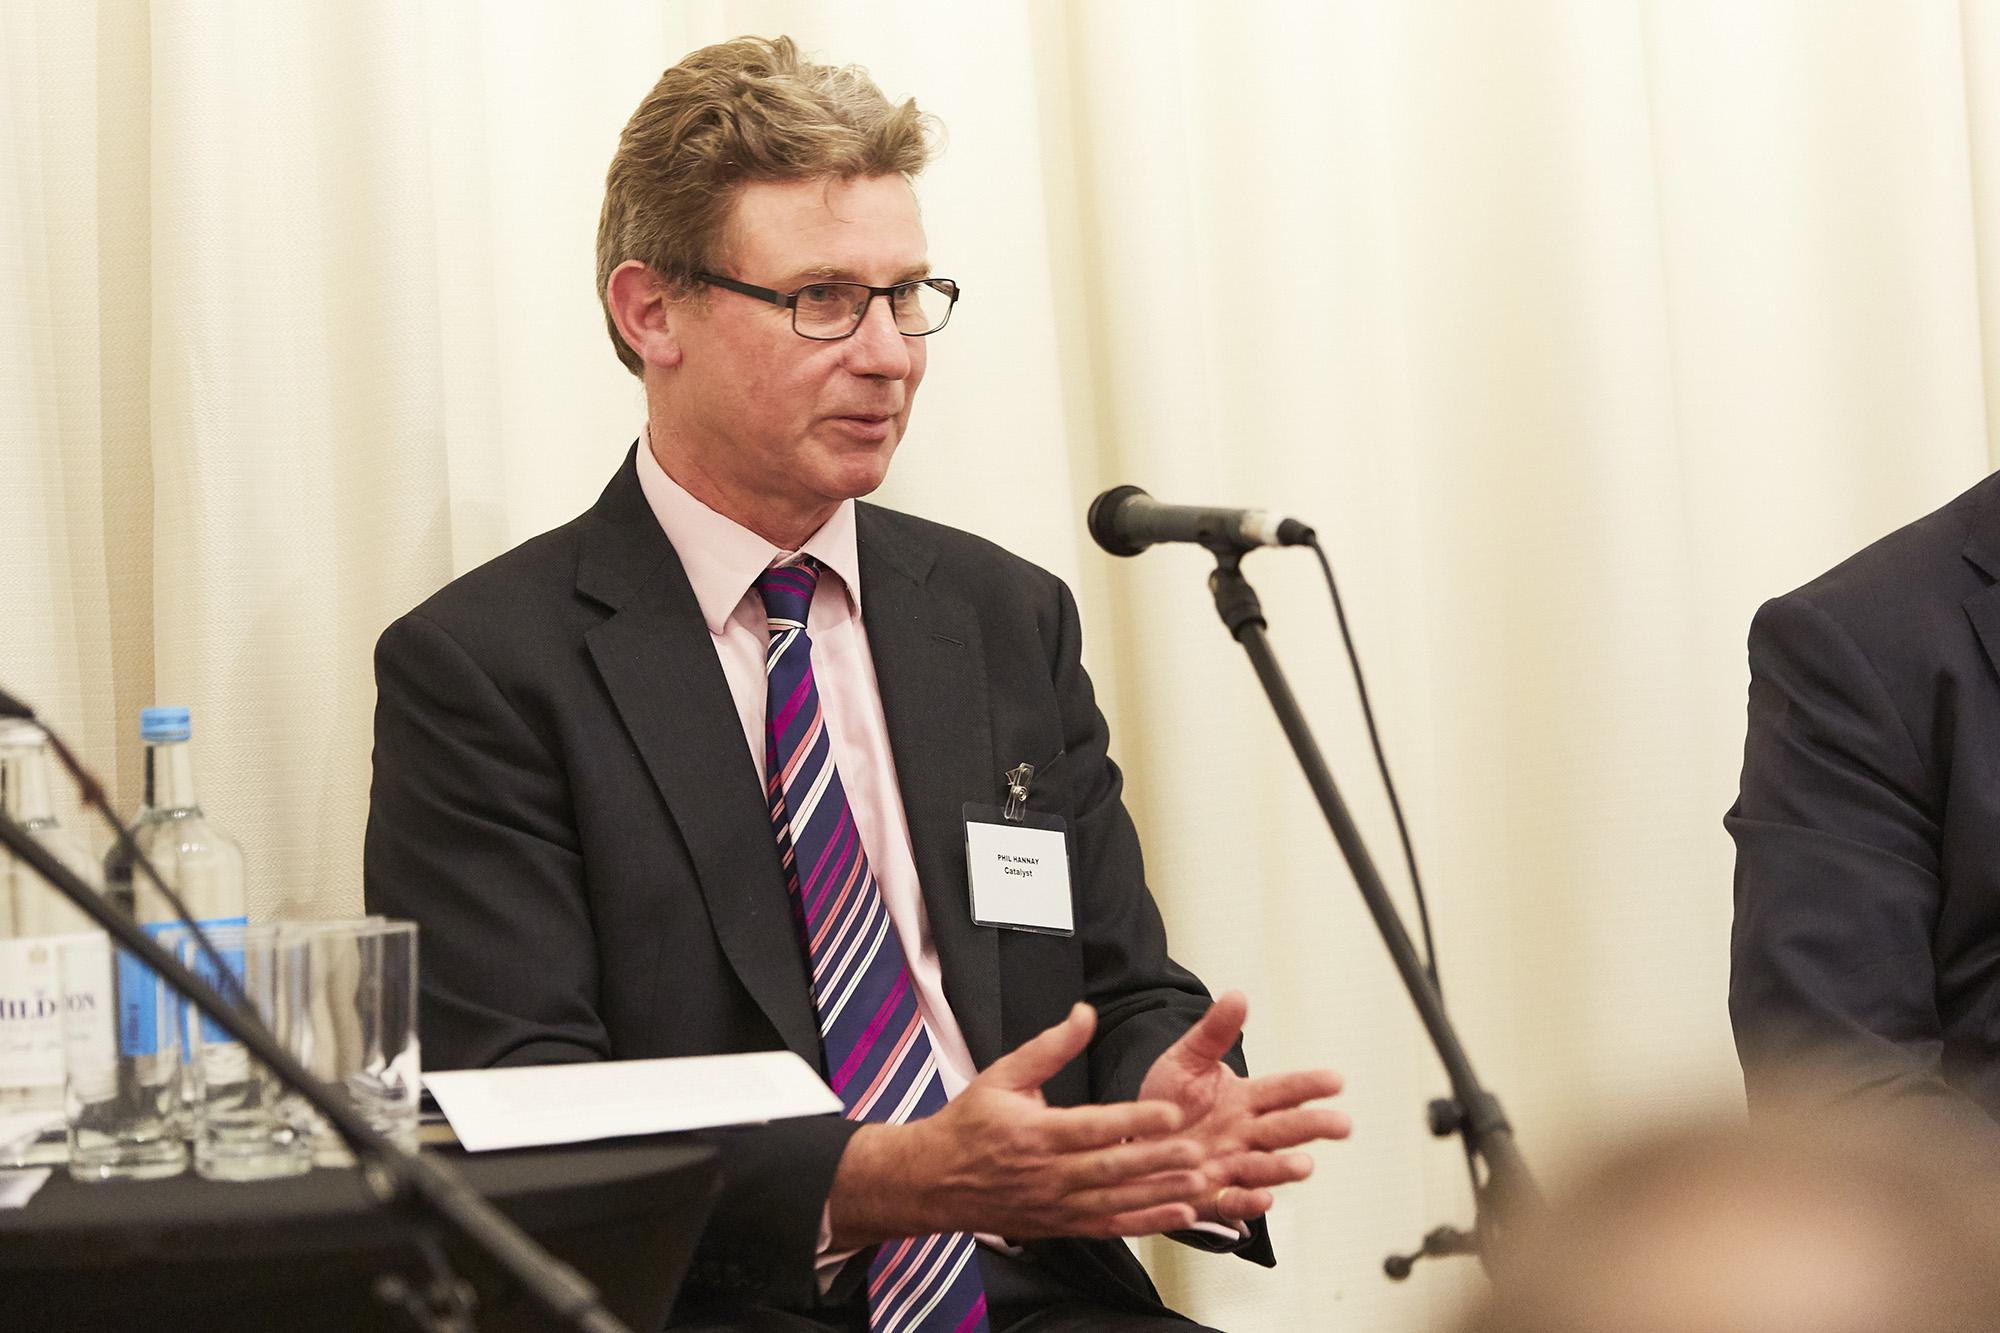 Phil Hannay, Managing Consultant, Catalyst